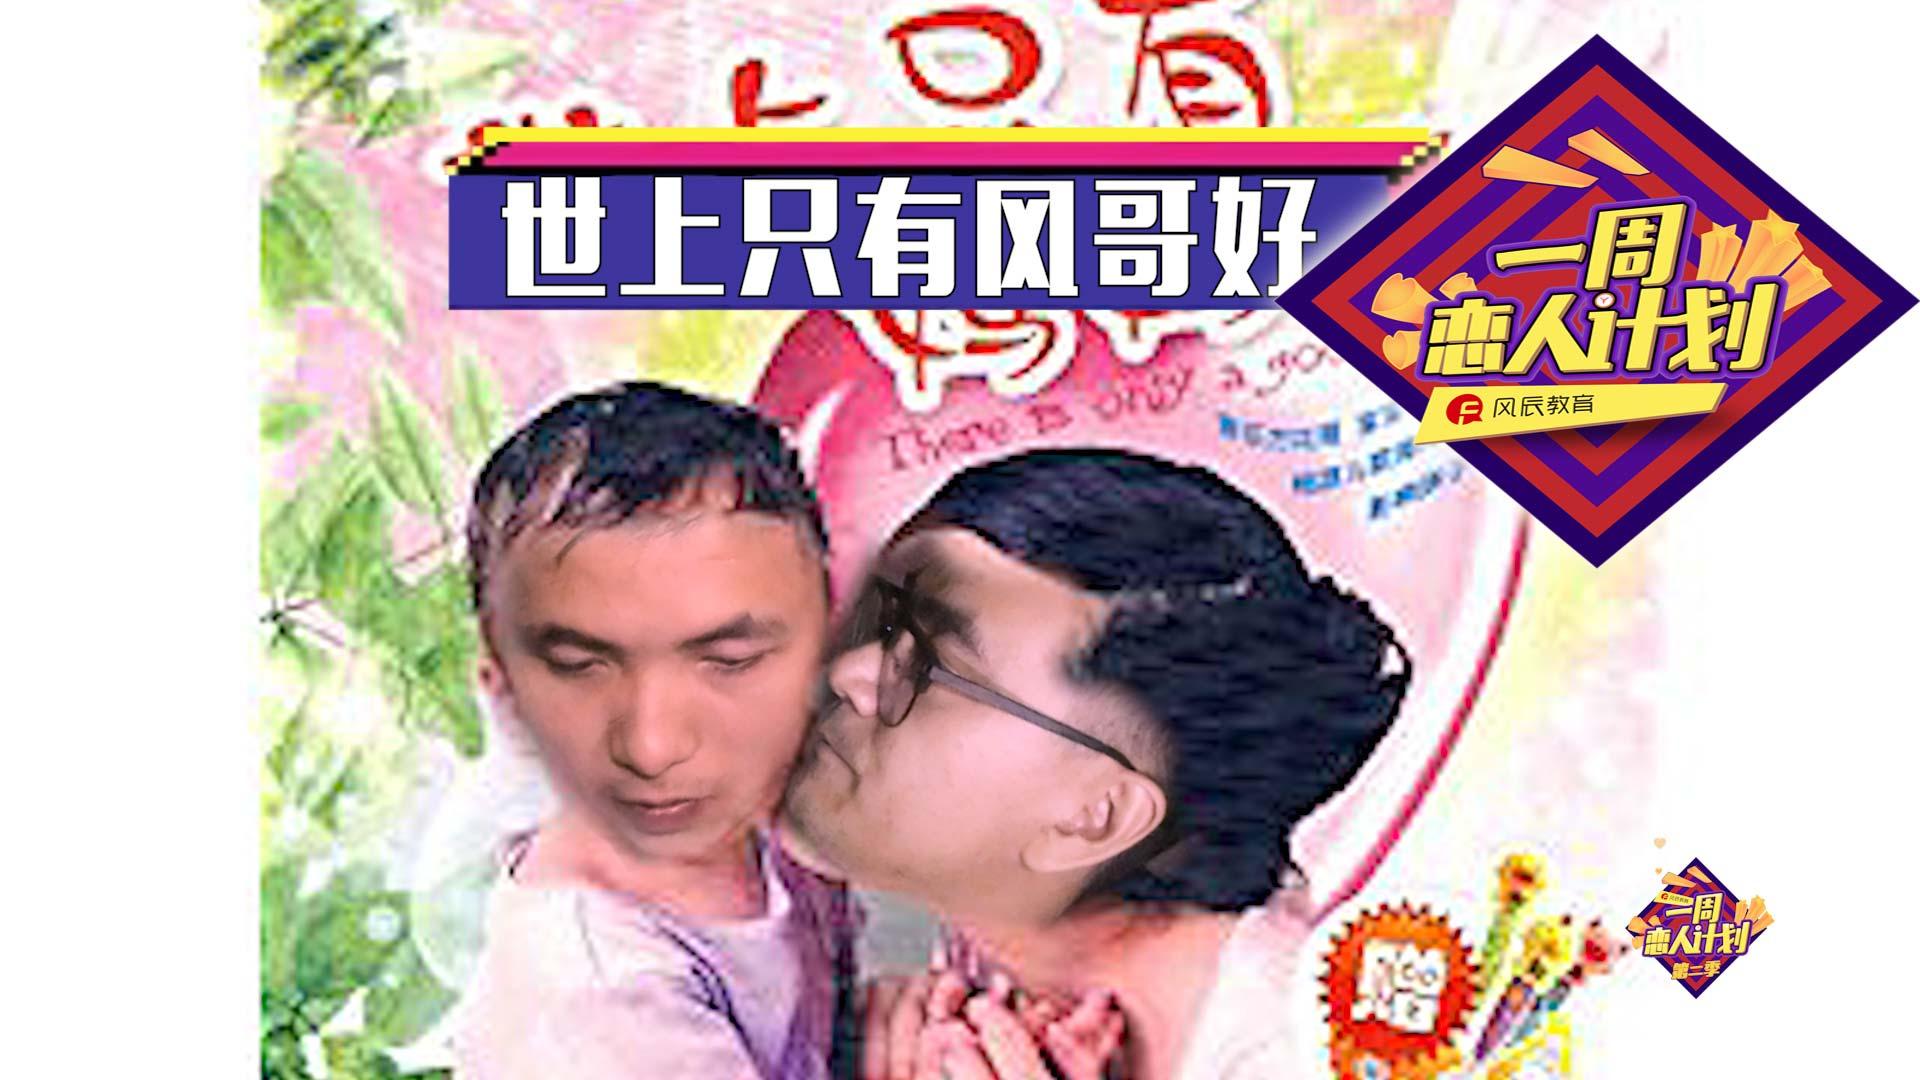 拜金主播: 开五星套房就跟你走——《一周恋人计划》第二季第6集-风辰恋爱PUA